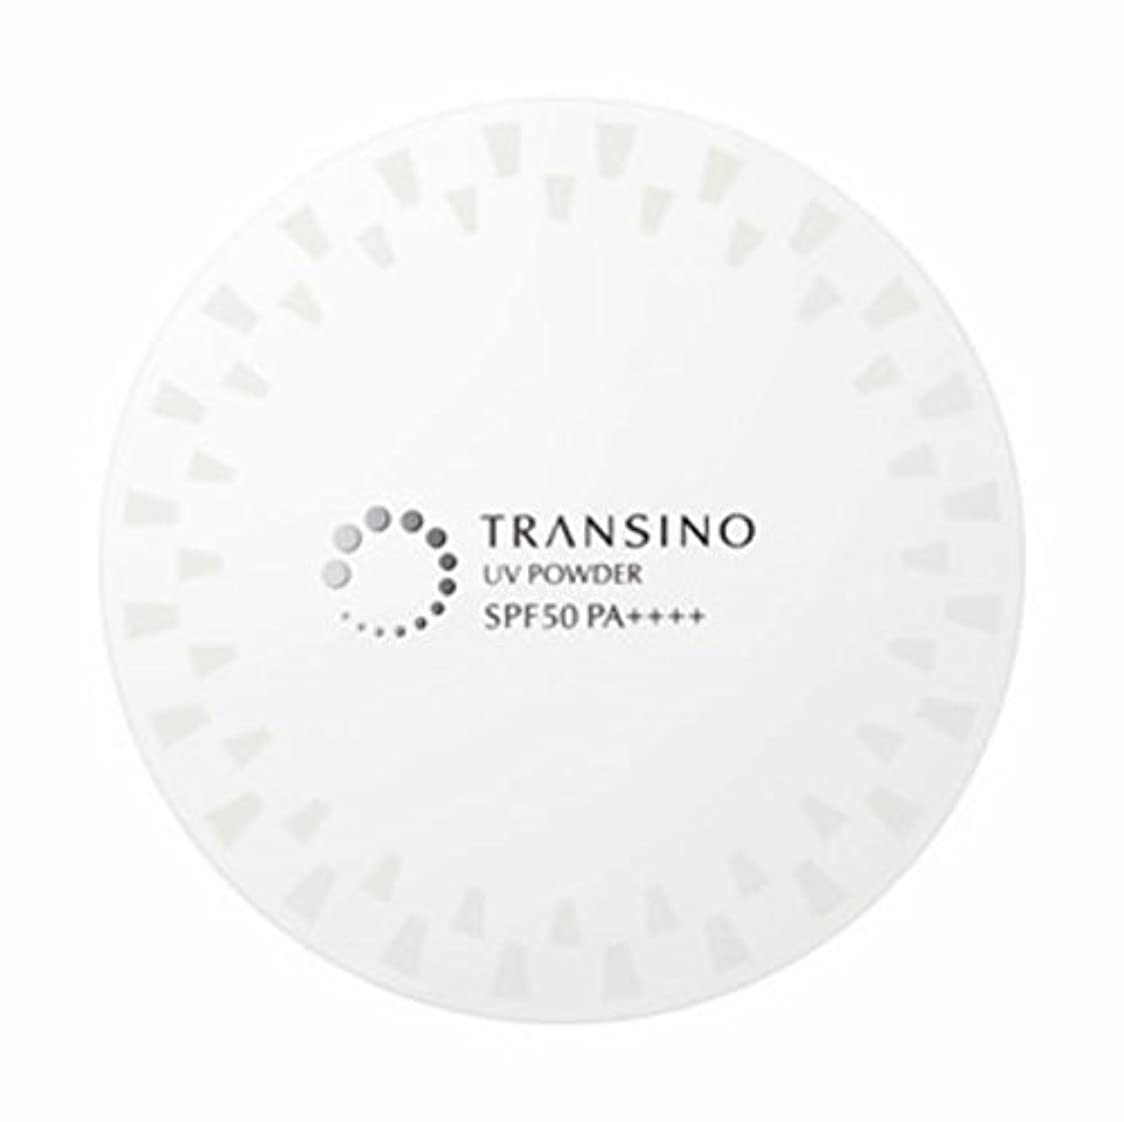 検索エンジンマーケティング押し下げる導体トランシーノ 薬用UVパウダー 12g SPF50?PA++++ [並行輸入品]